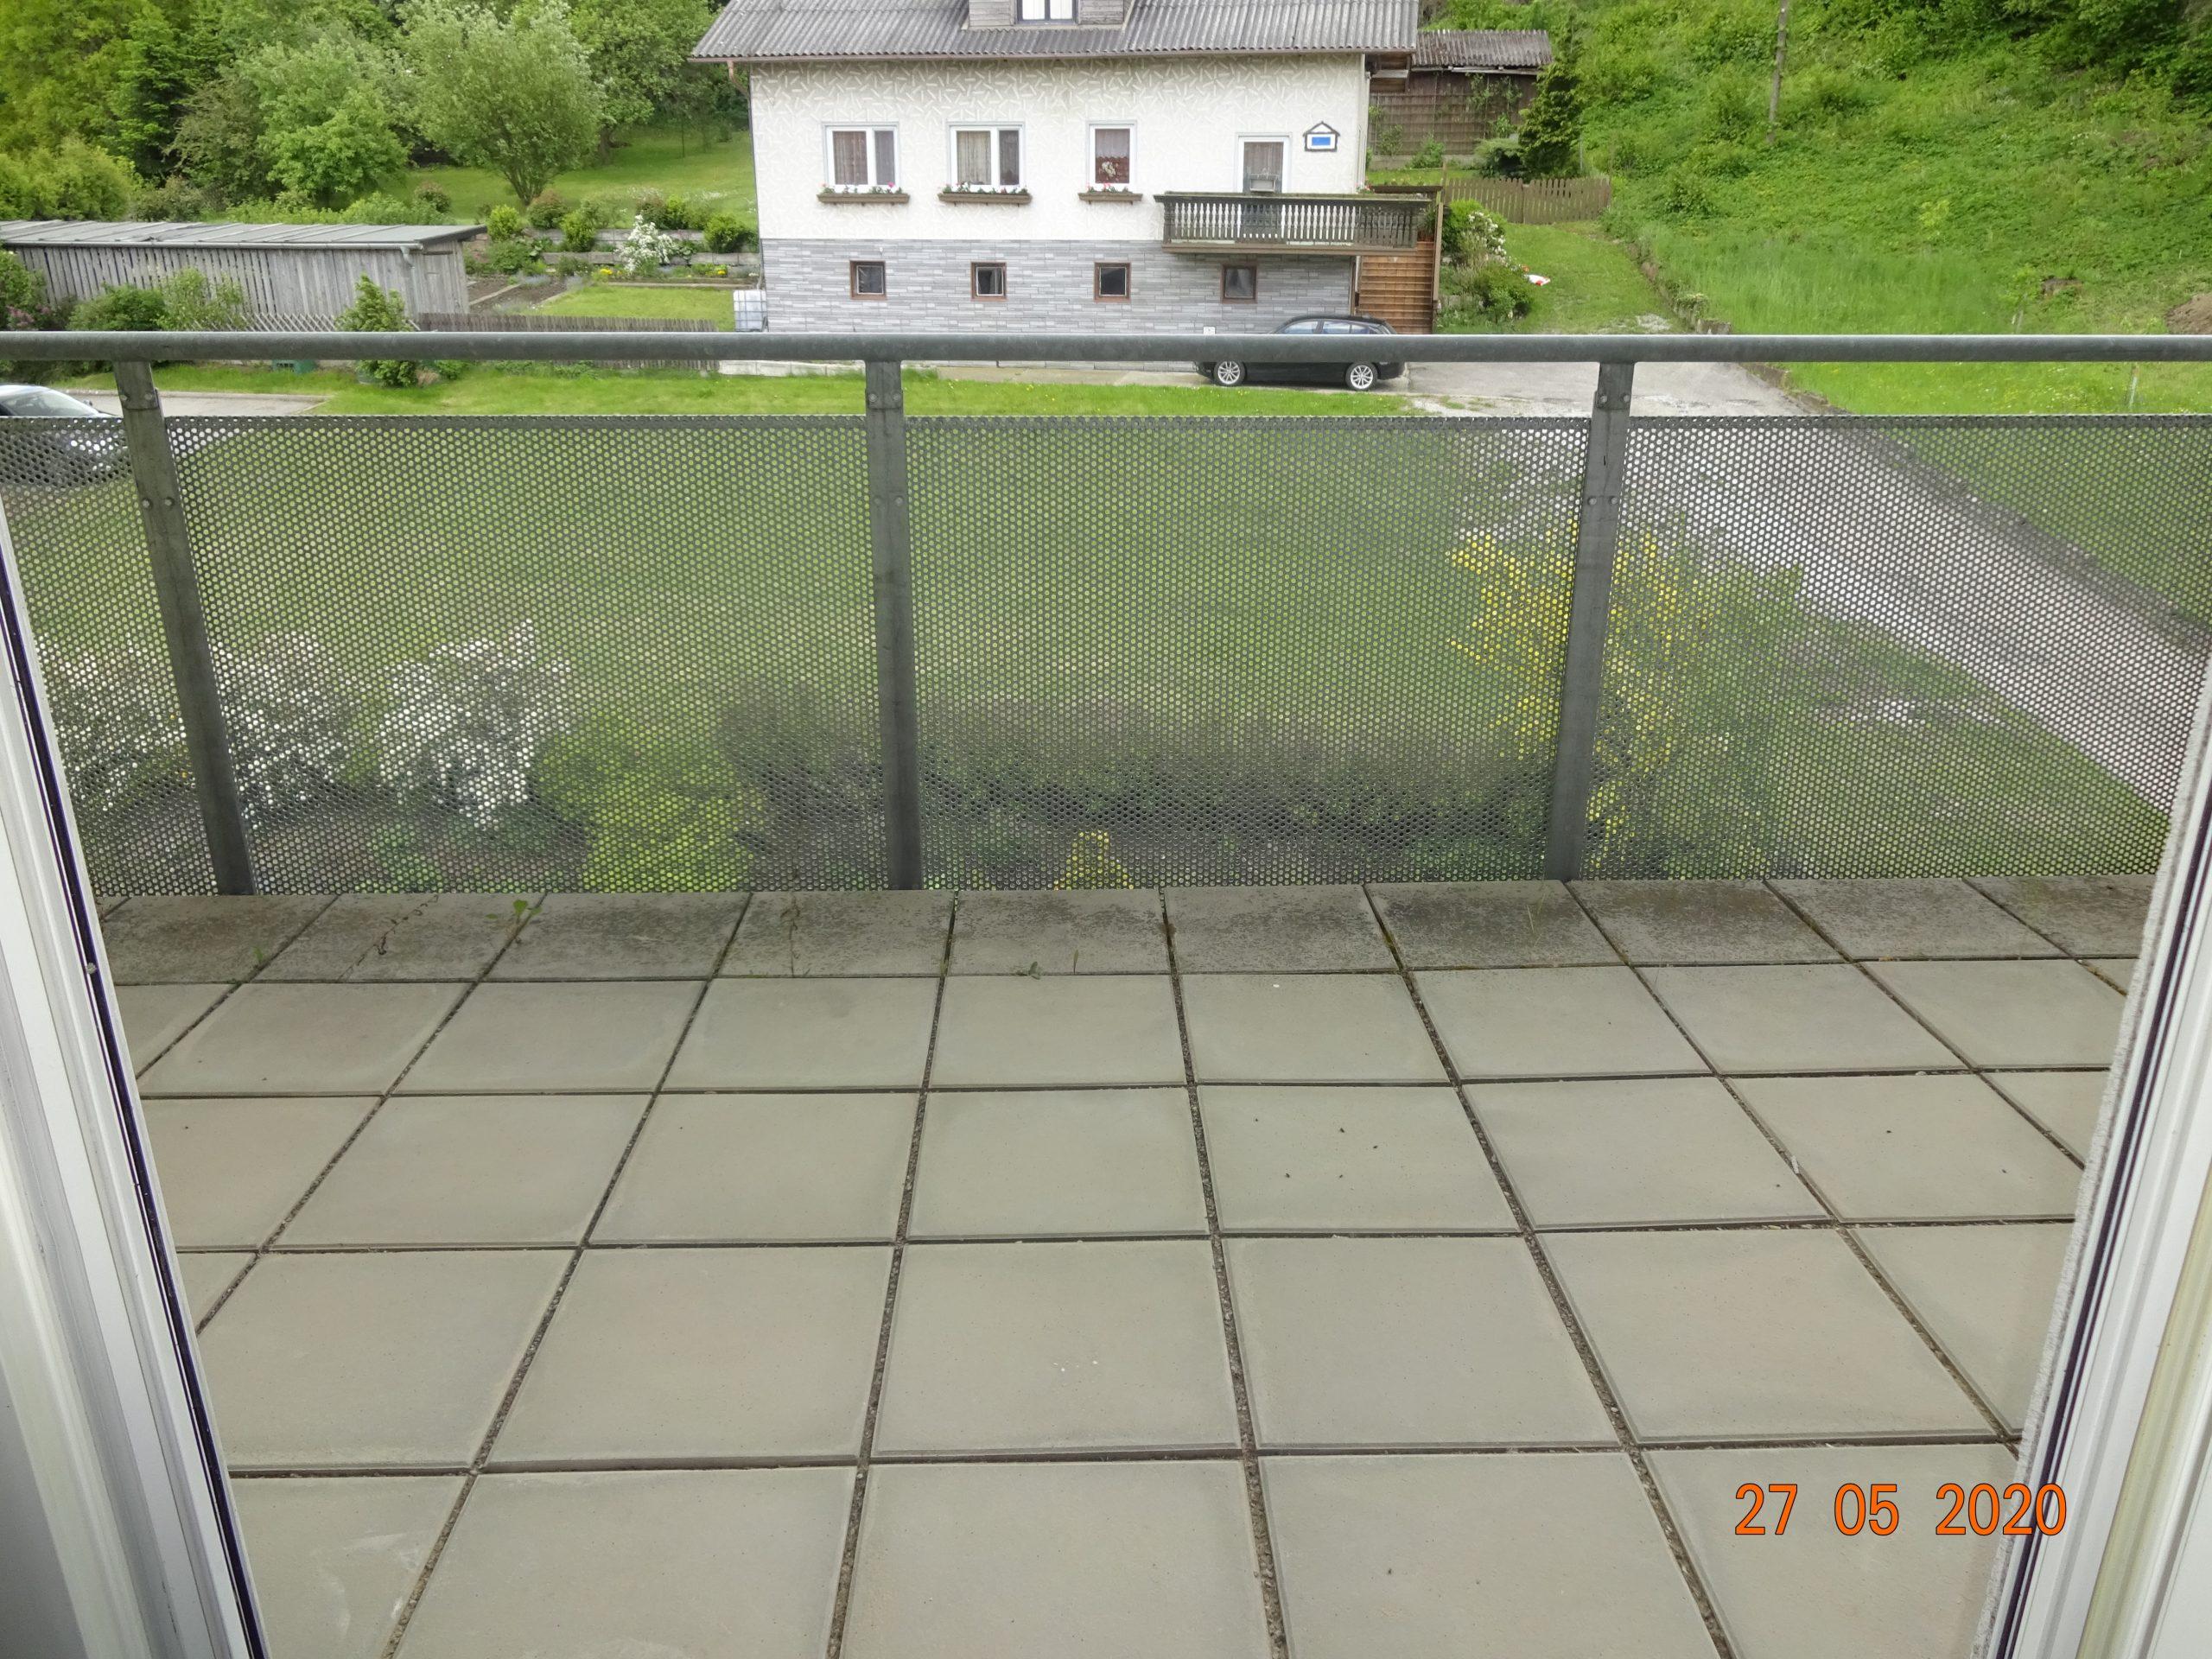 Immobilie von Kamptal in 3613 Albrechtsberg an der Großen Krems, Krems(Land), Albrechtsberg I/1 - Top 105 #3